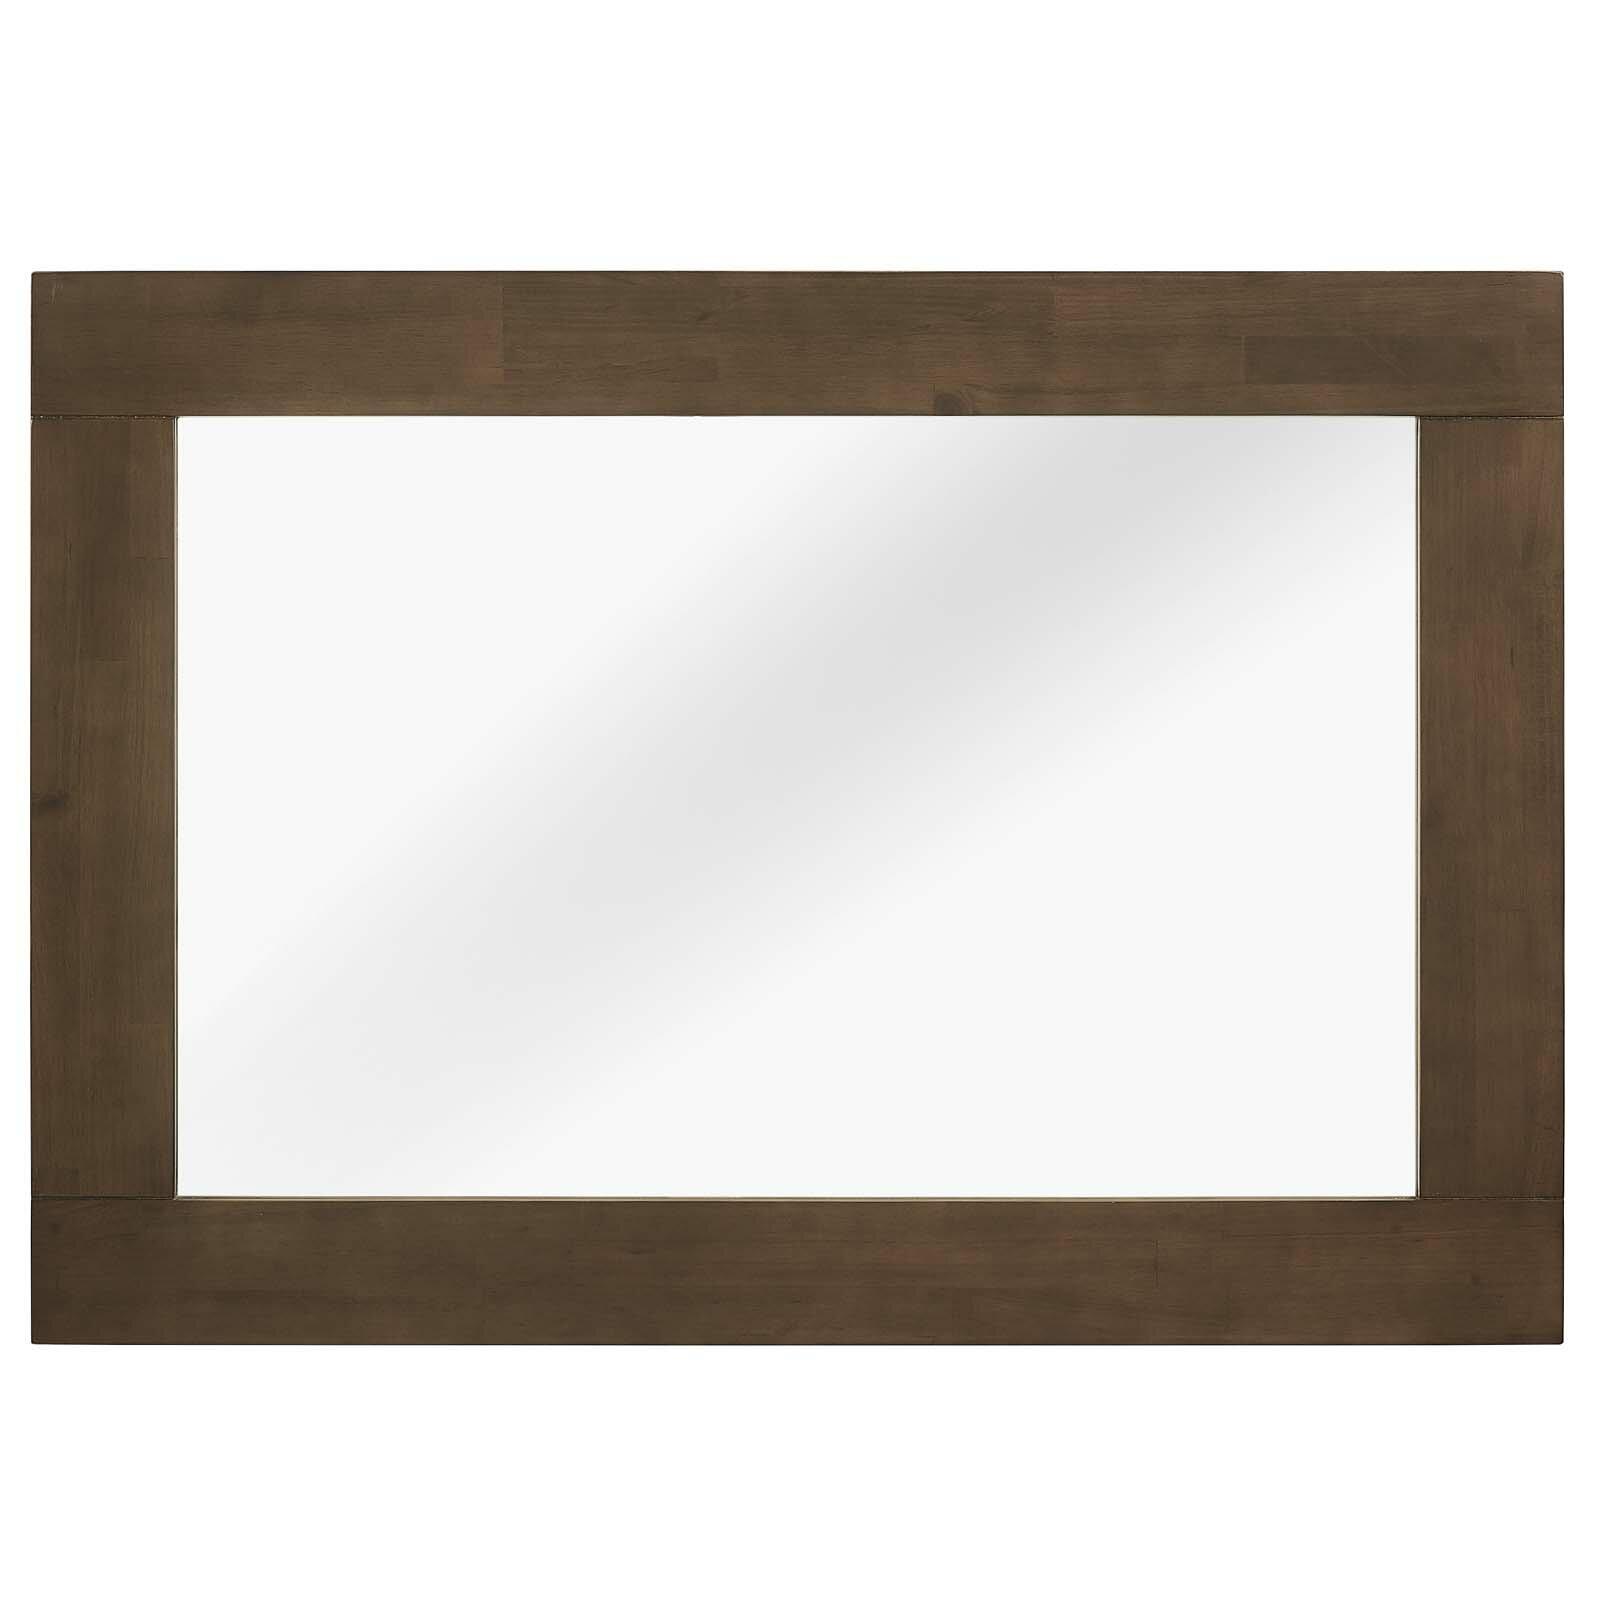 Burson Wood Mid Century Modern Accent Mirror